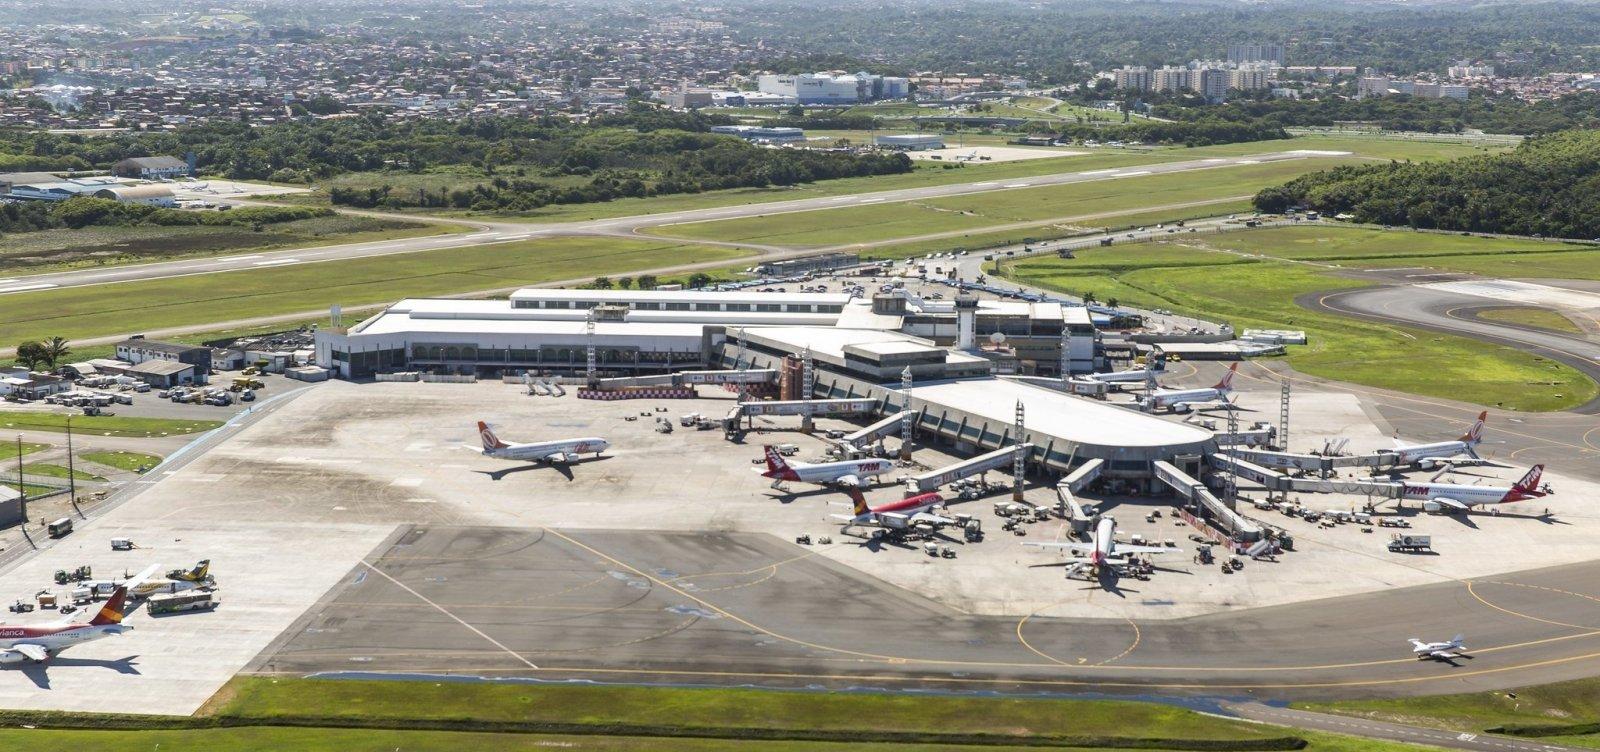 [Governo libera entrada de estrangeiros em todos os aeroportos do país]